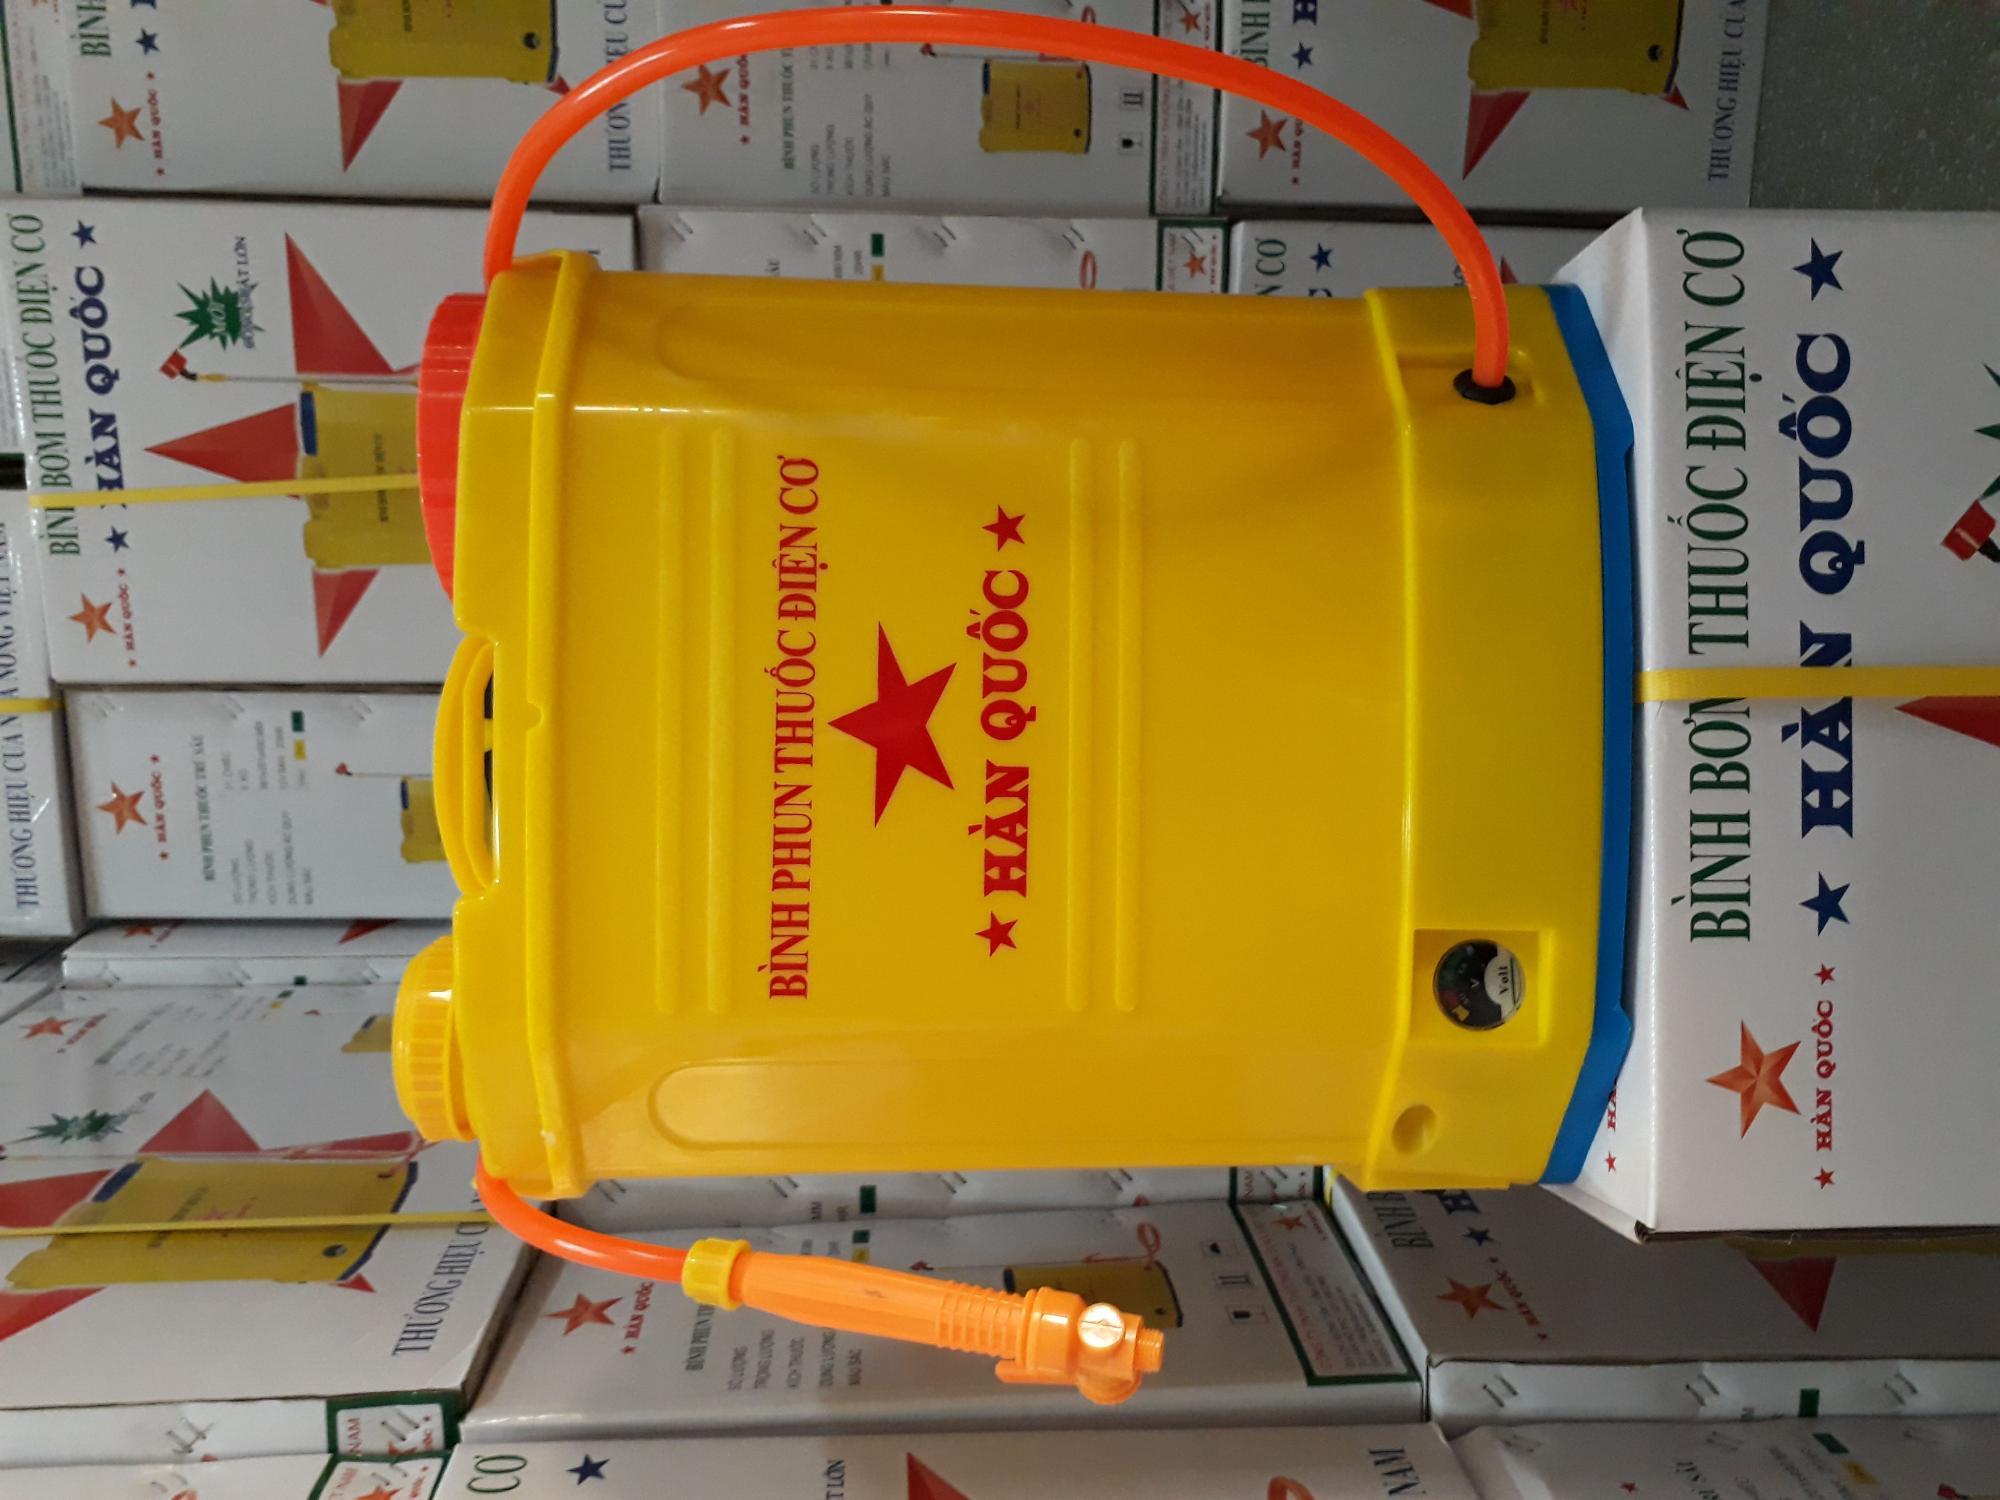 Hình ảnh Bình phun thuốc trừ sâu HÀN QUỐC - Bình bơm - Máy bơm mini 12v